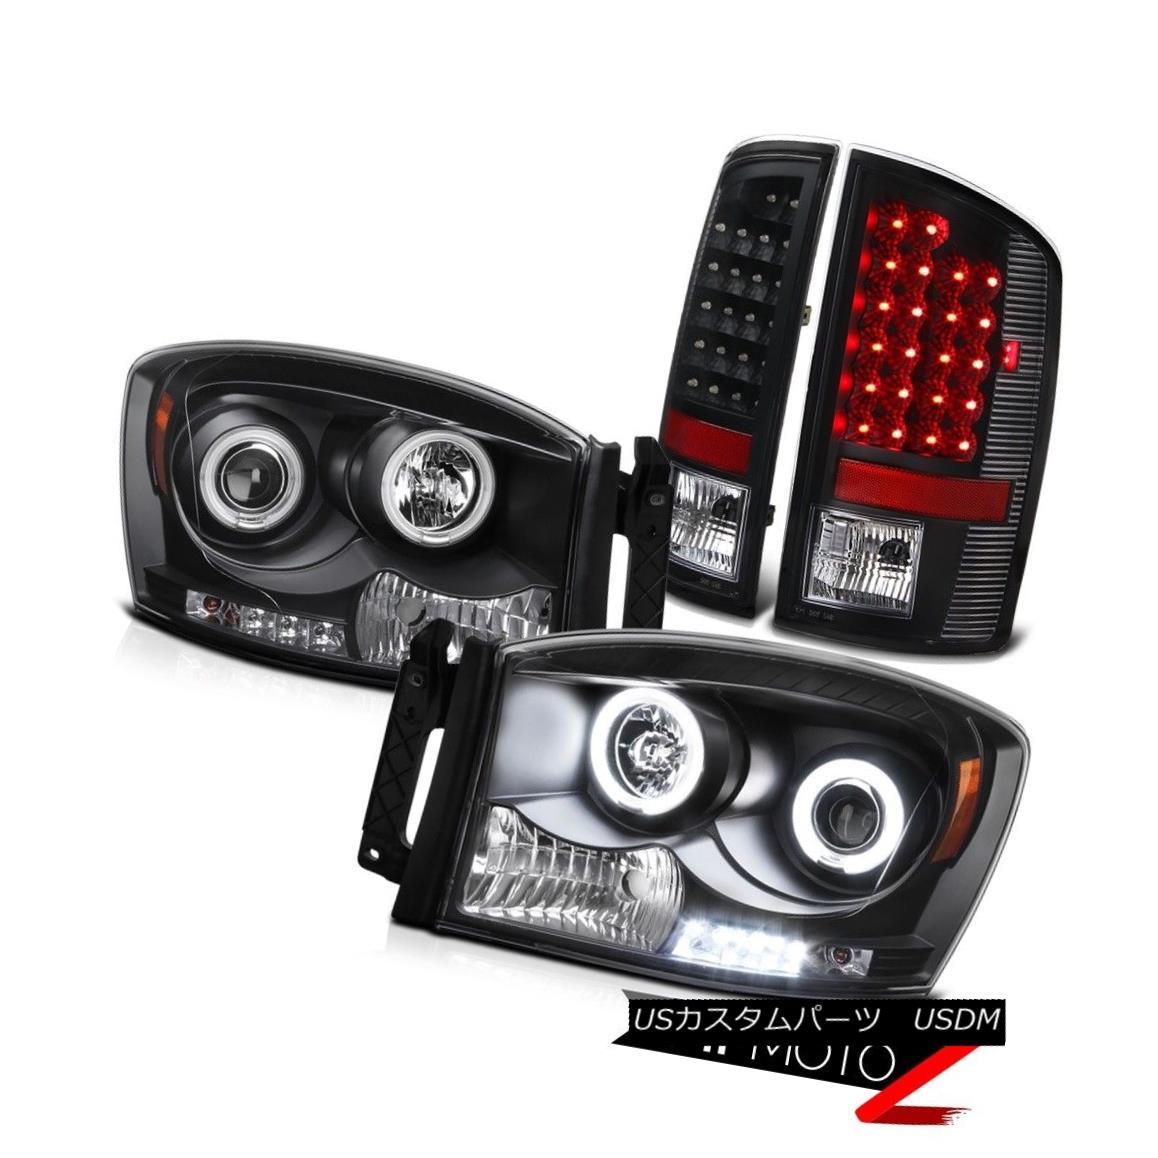 テールライト Dodge 2007-2008 RAM Black CCFL Halo Projector Headlamp+Diamond LED Tail Light Dodge 2007-2008 RAM Black CCFL Haloプロジェクターヘッドランプ+ Diamo nd LEDテールライト